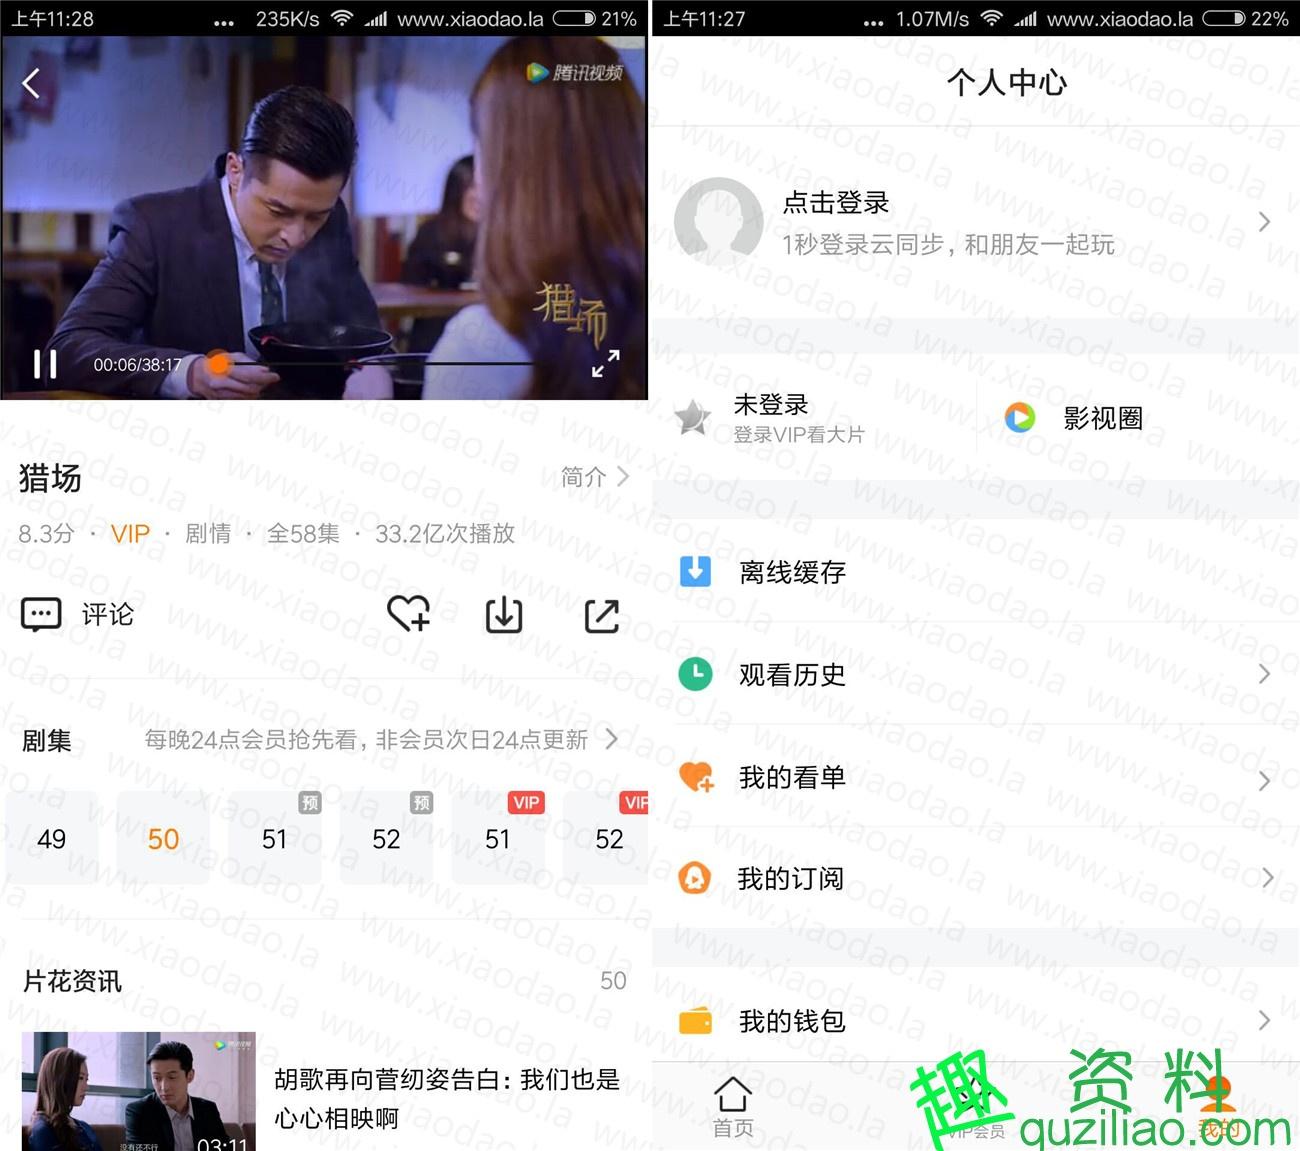 安卓腾讯视频v6.9.5去广告